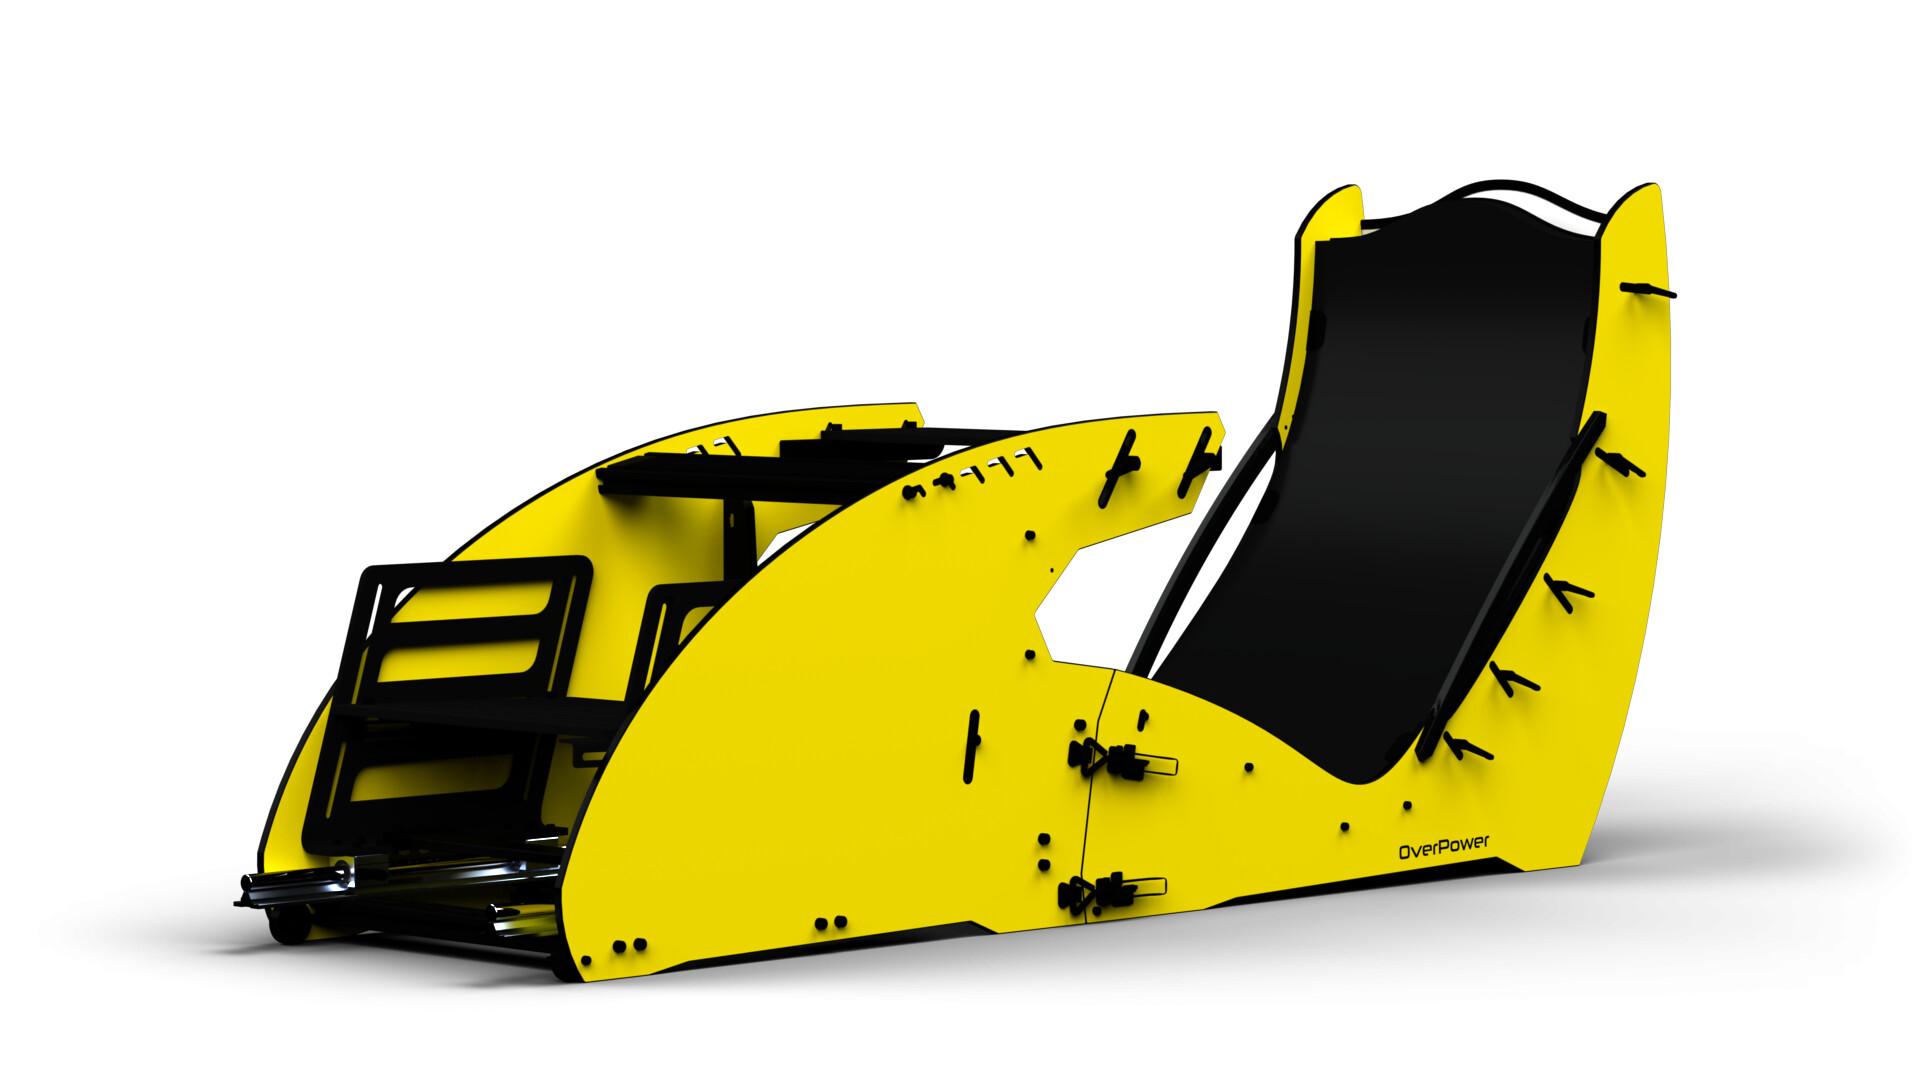 opf_yellow_4